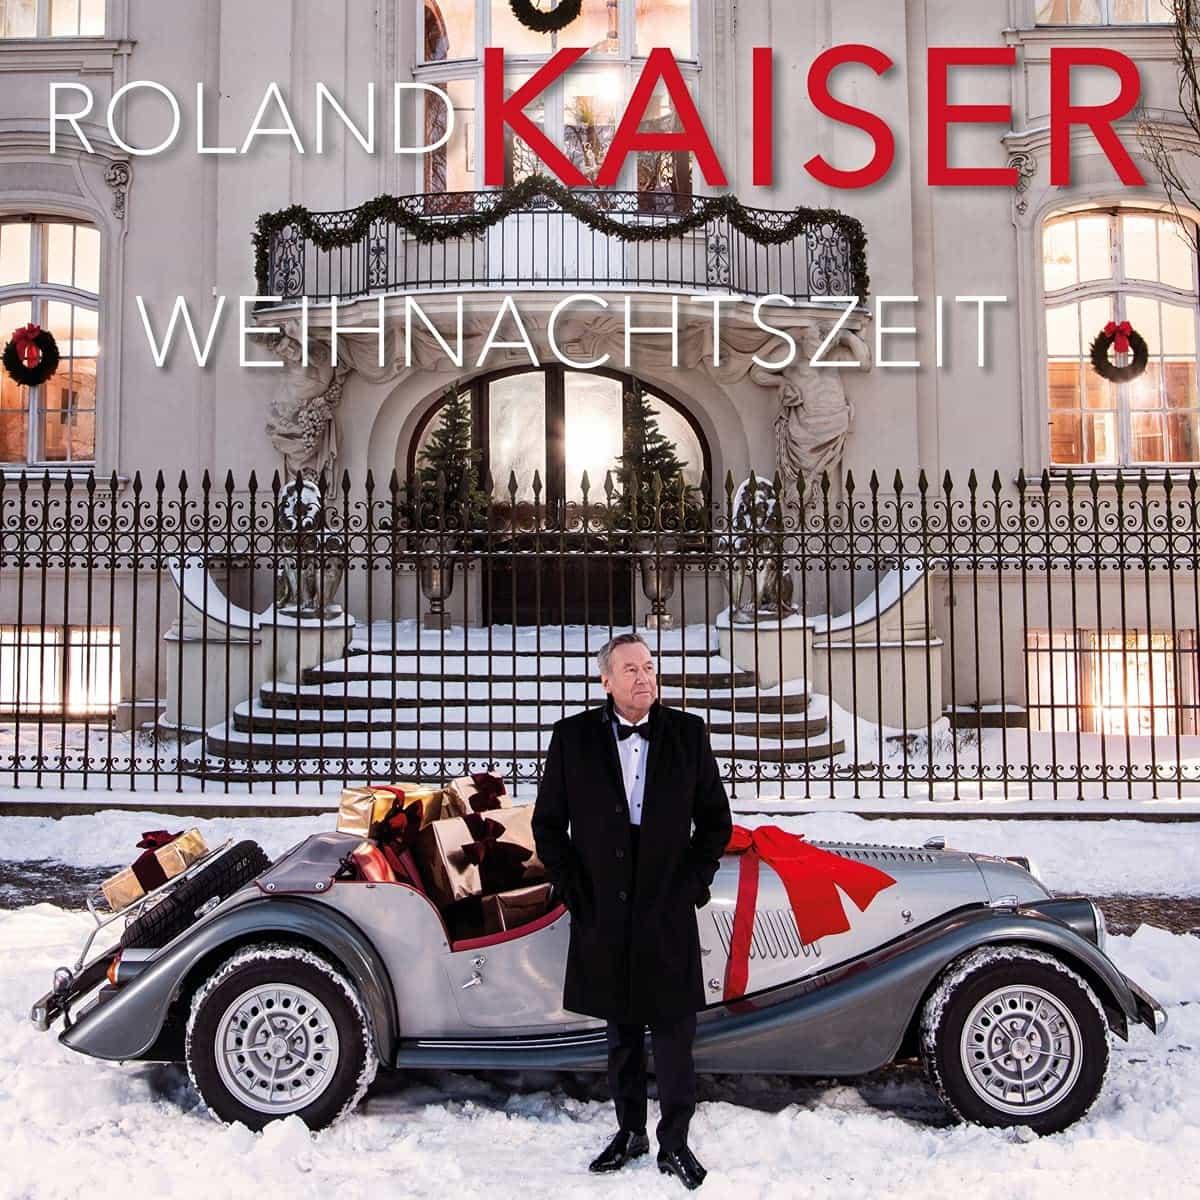 """Roland Kaiser CD """"Weihnachtszeit"""" 2021 - Weihnachtsklassiker"""